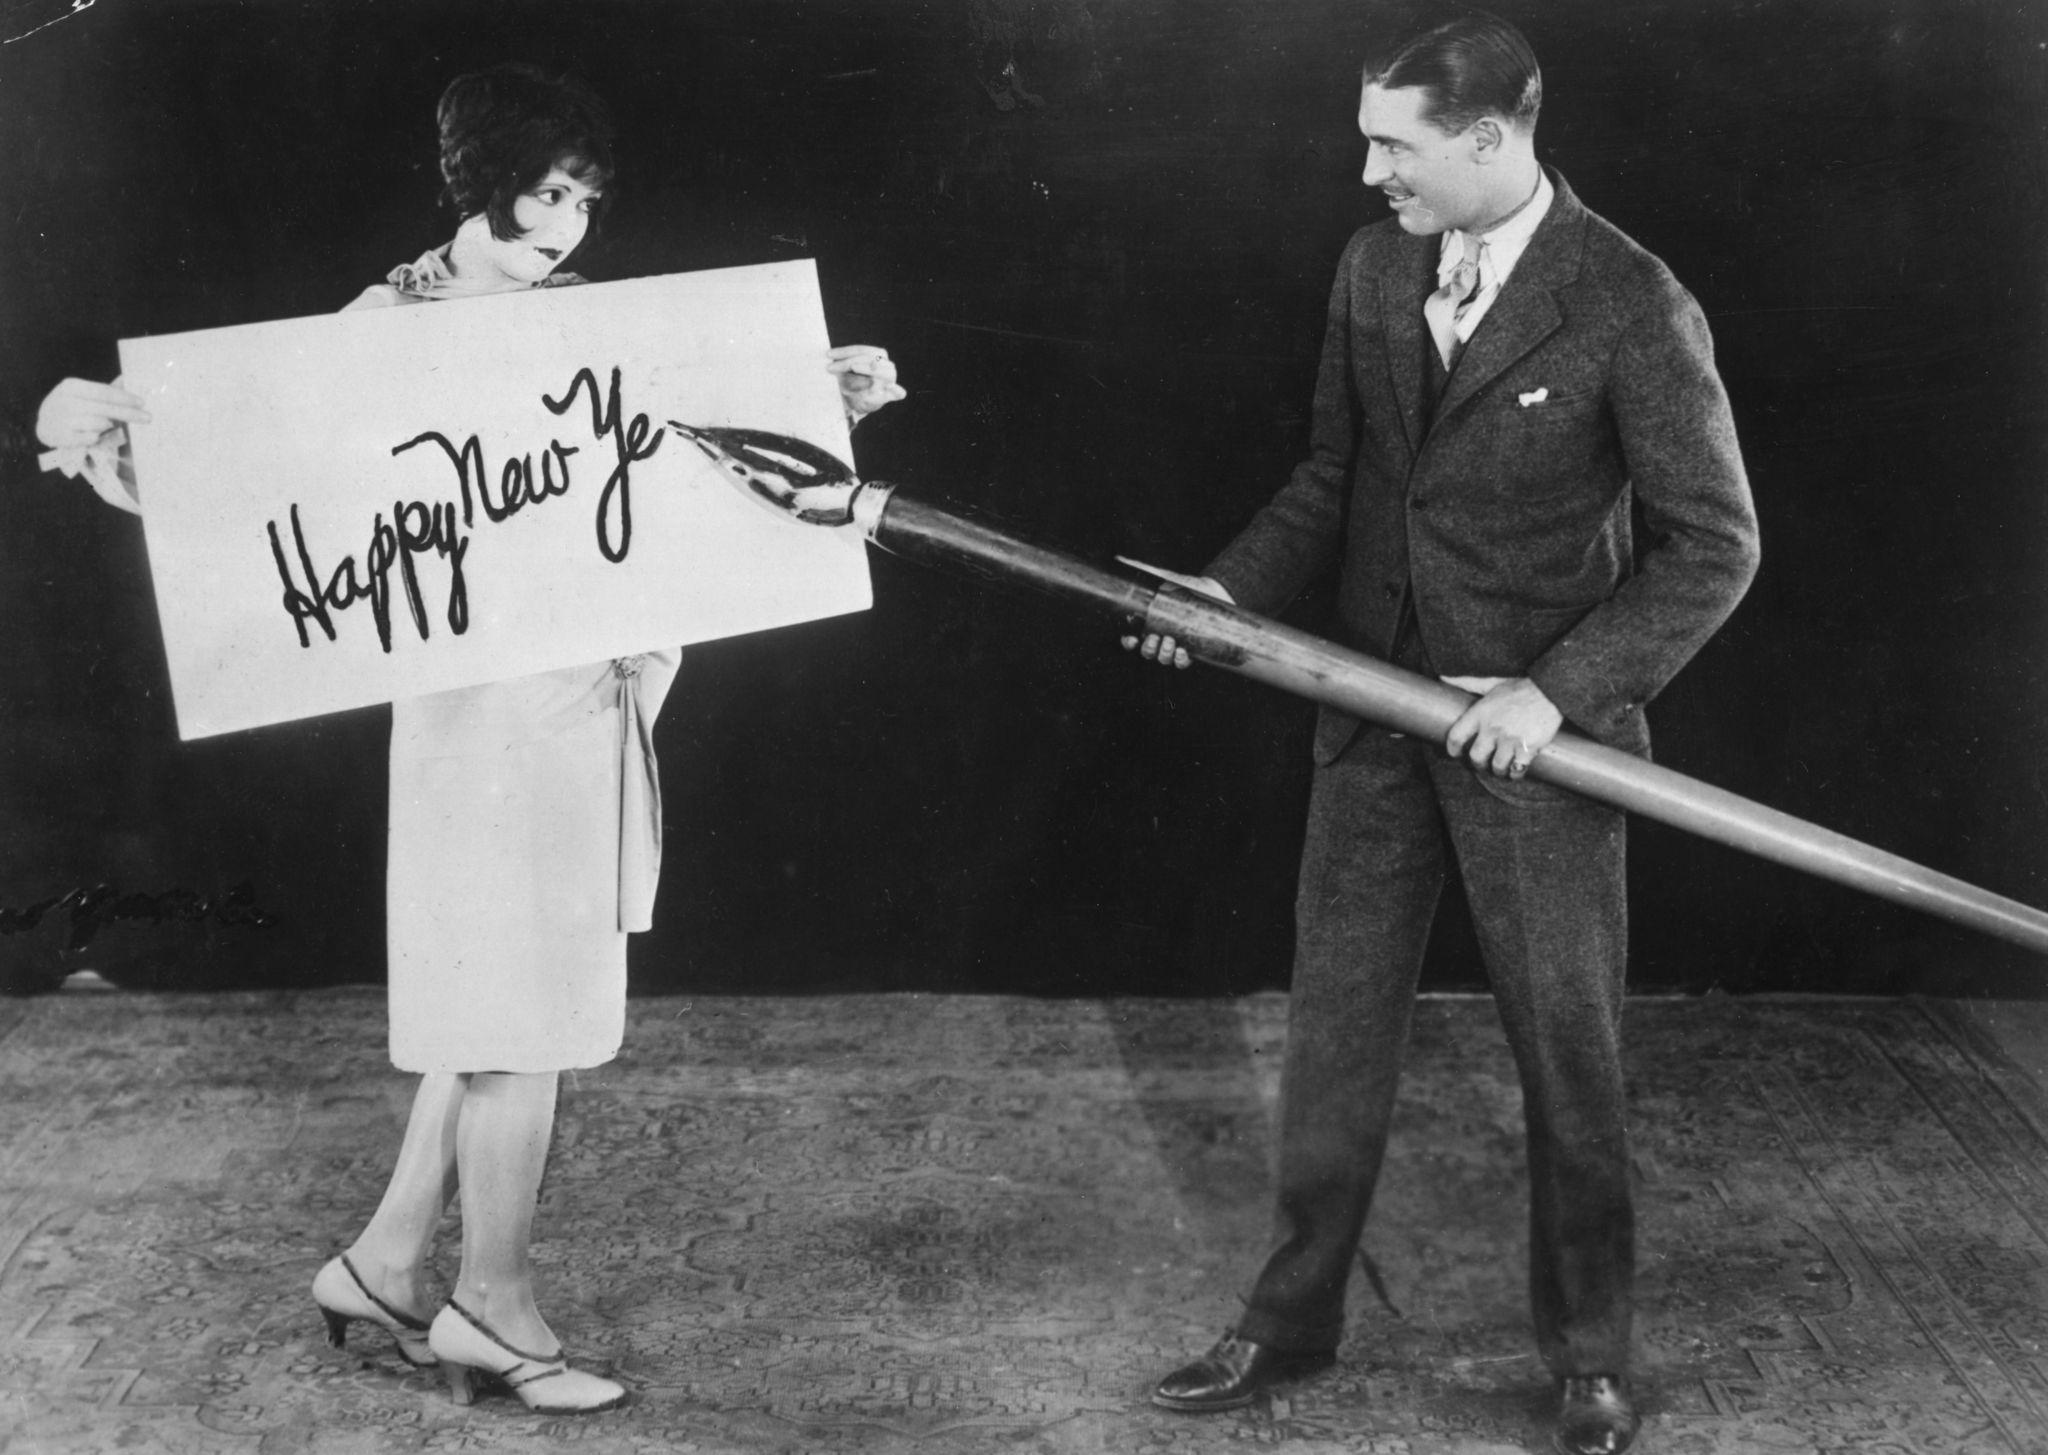 1925. Американская актриса Клара Боу держит большую карточку, а актер Ларри Грей надписывает новогоднее приветствие гигантской ручкой.jpg